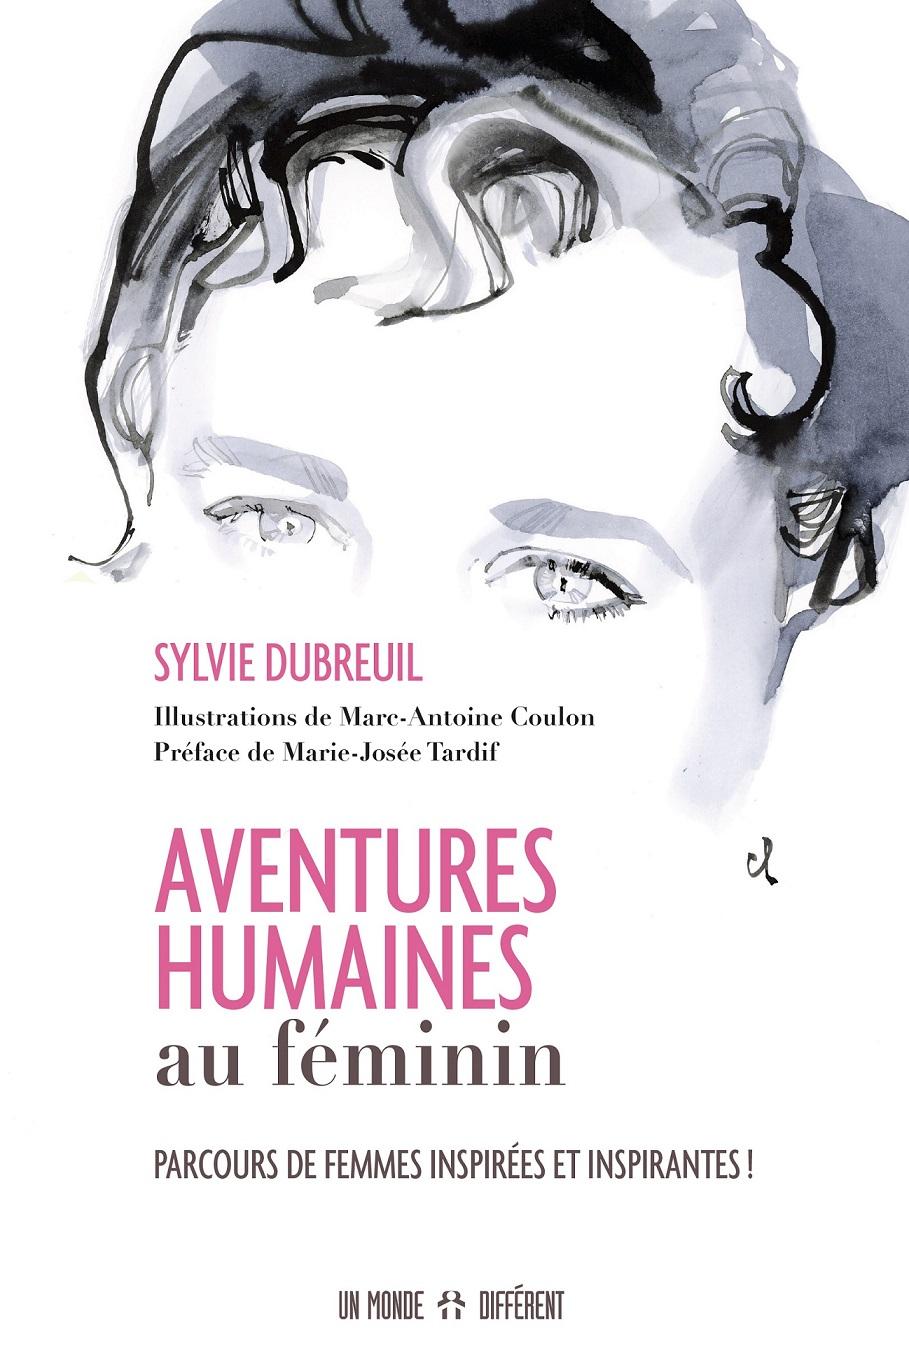 Livre : Aventures humaines au féminin, par Sylvie Dubreuil 1